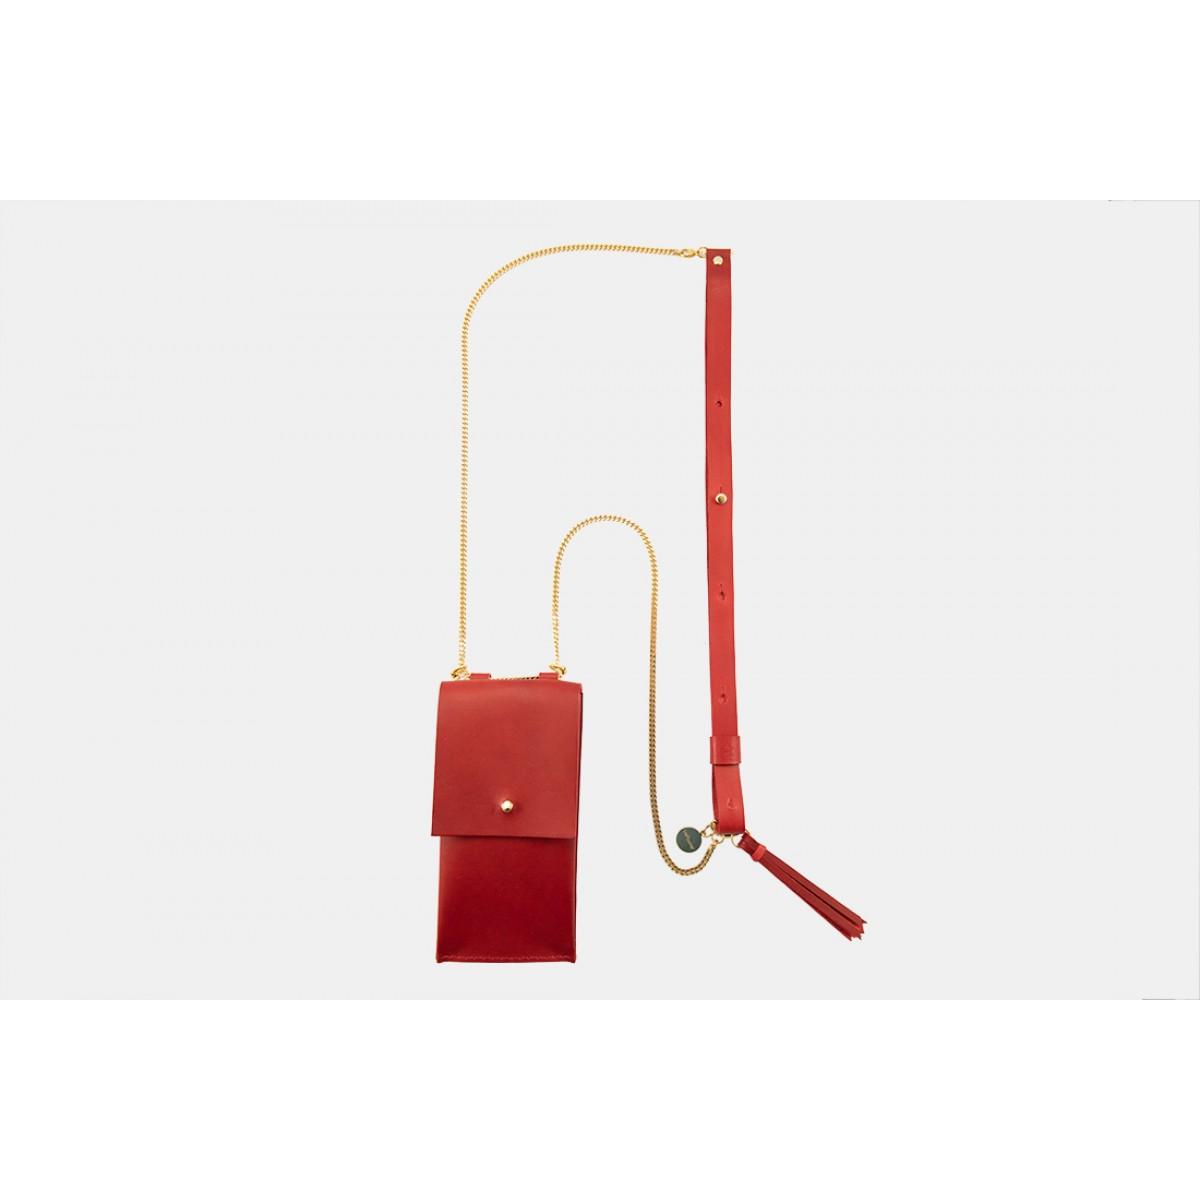 Lapàporter – iPhone Handykette aus Metall mit Lederriemen und abnehmbarer Tasche, rot/gold